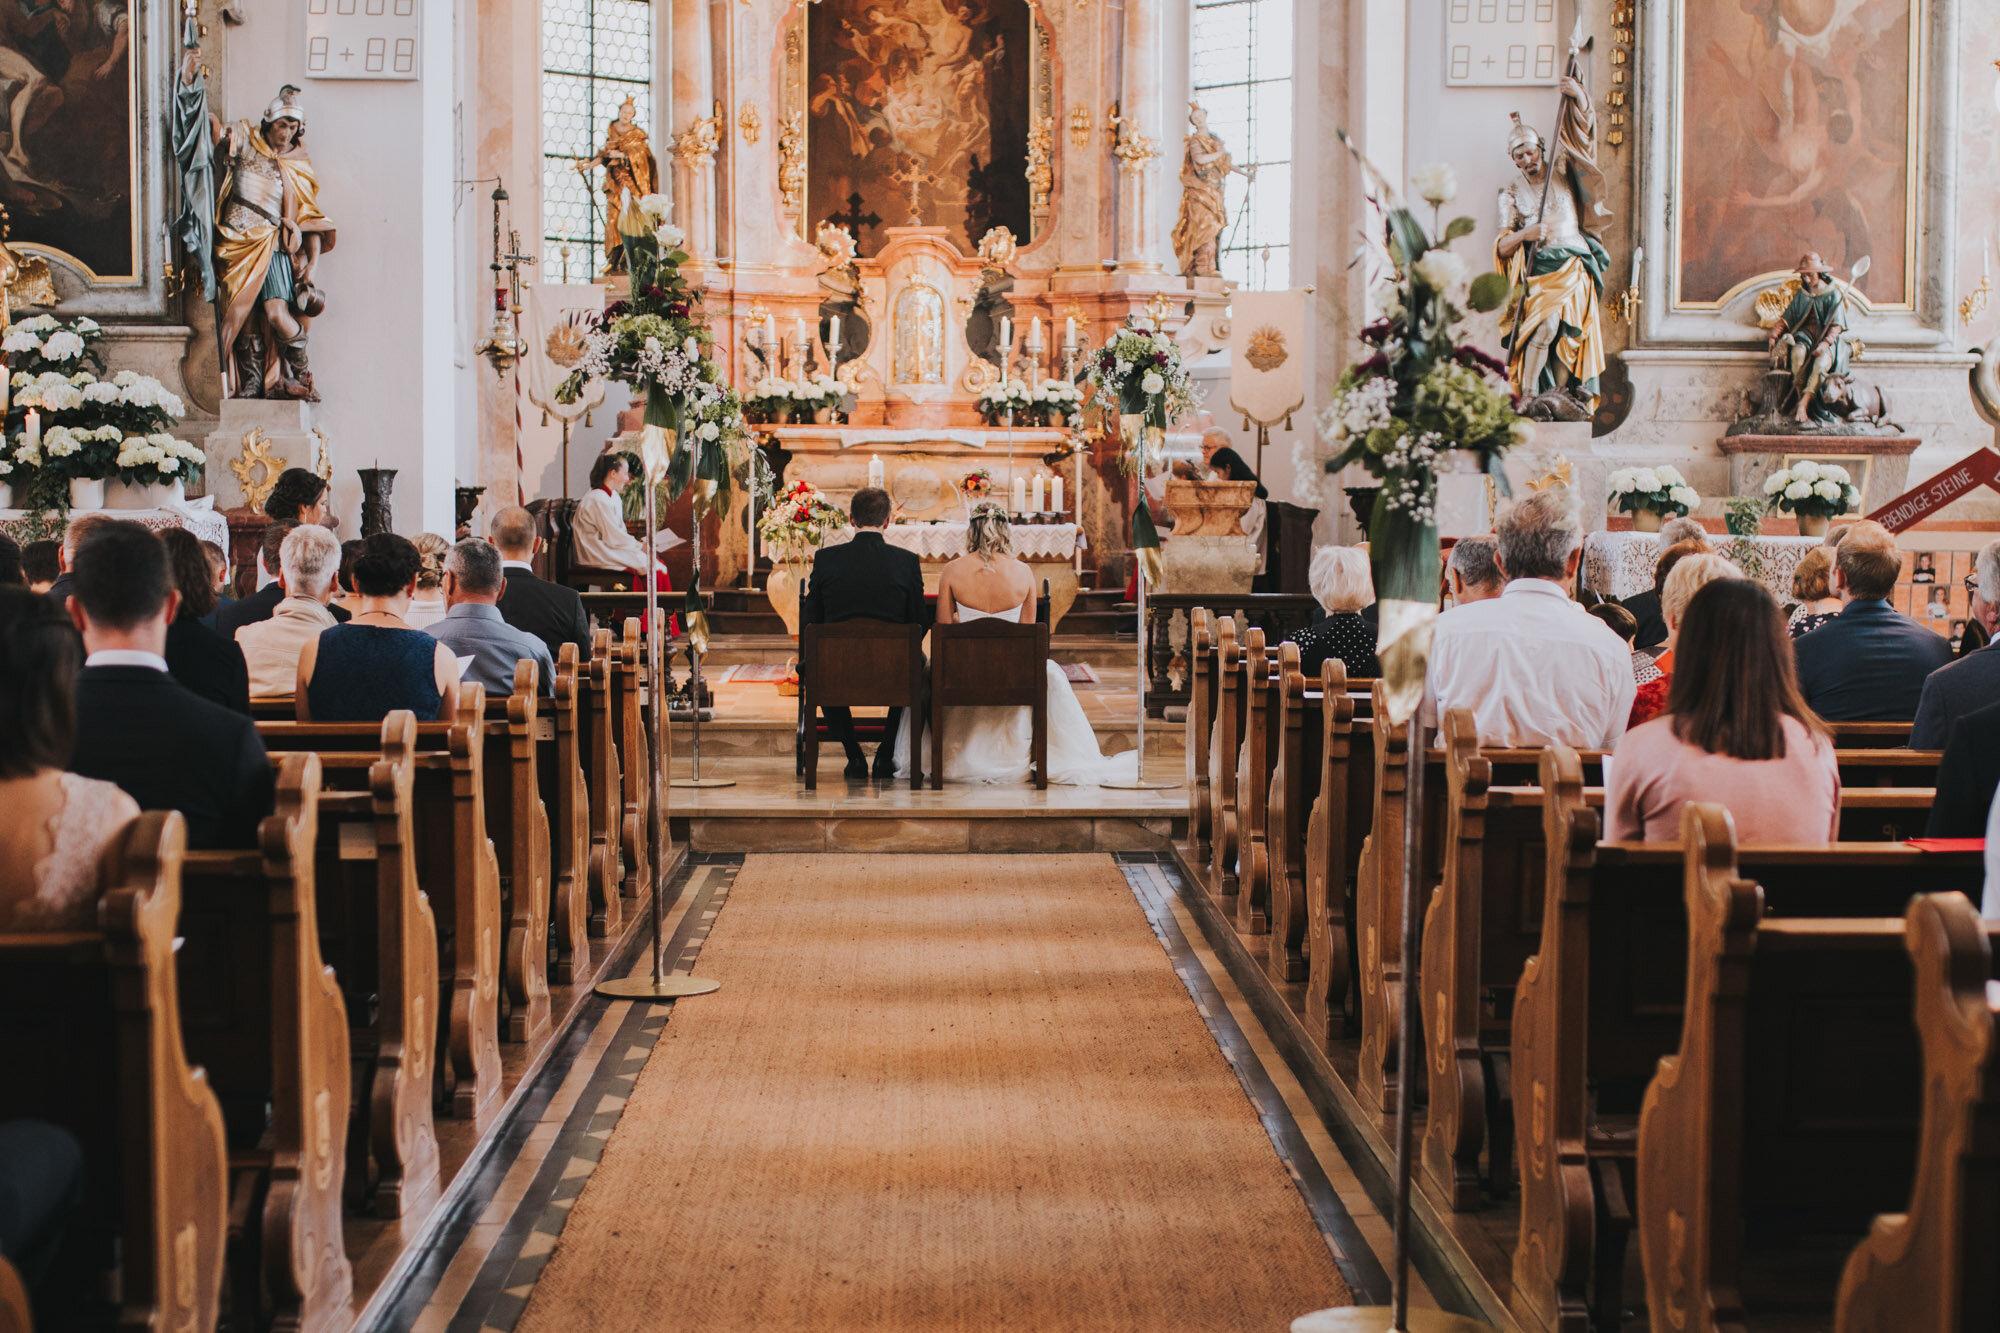 emory-factory-Hochzeit-2019-06-01-50.jpg